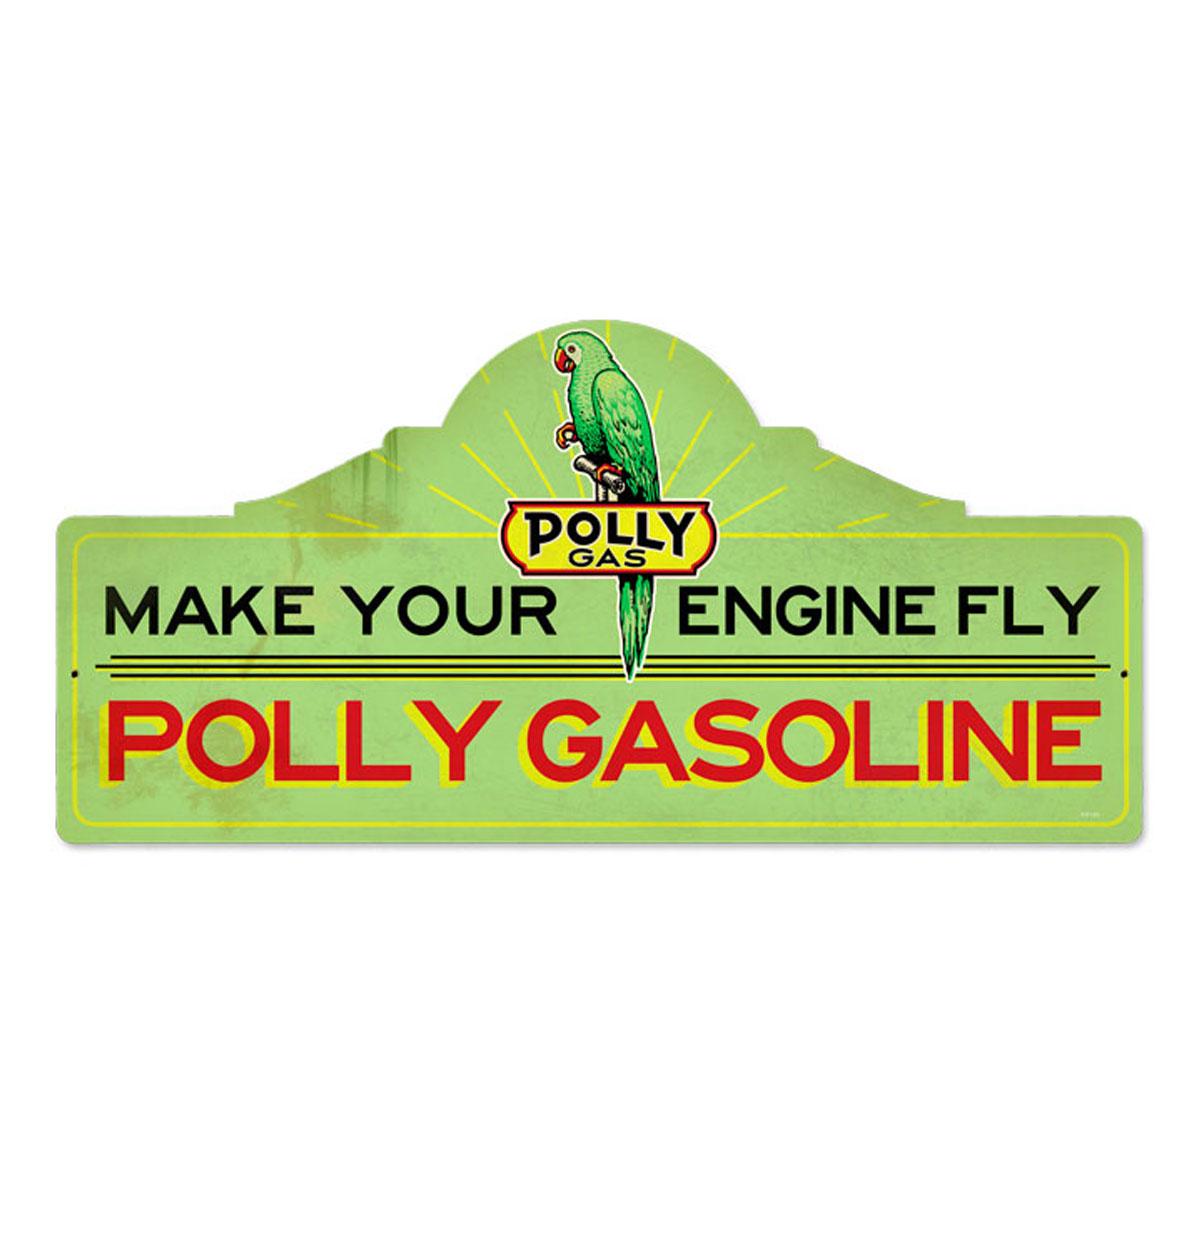 Polly Gas Polly Gasoline Zwaar Metalen Bord